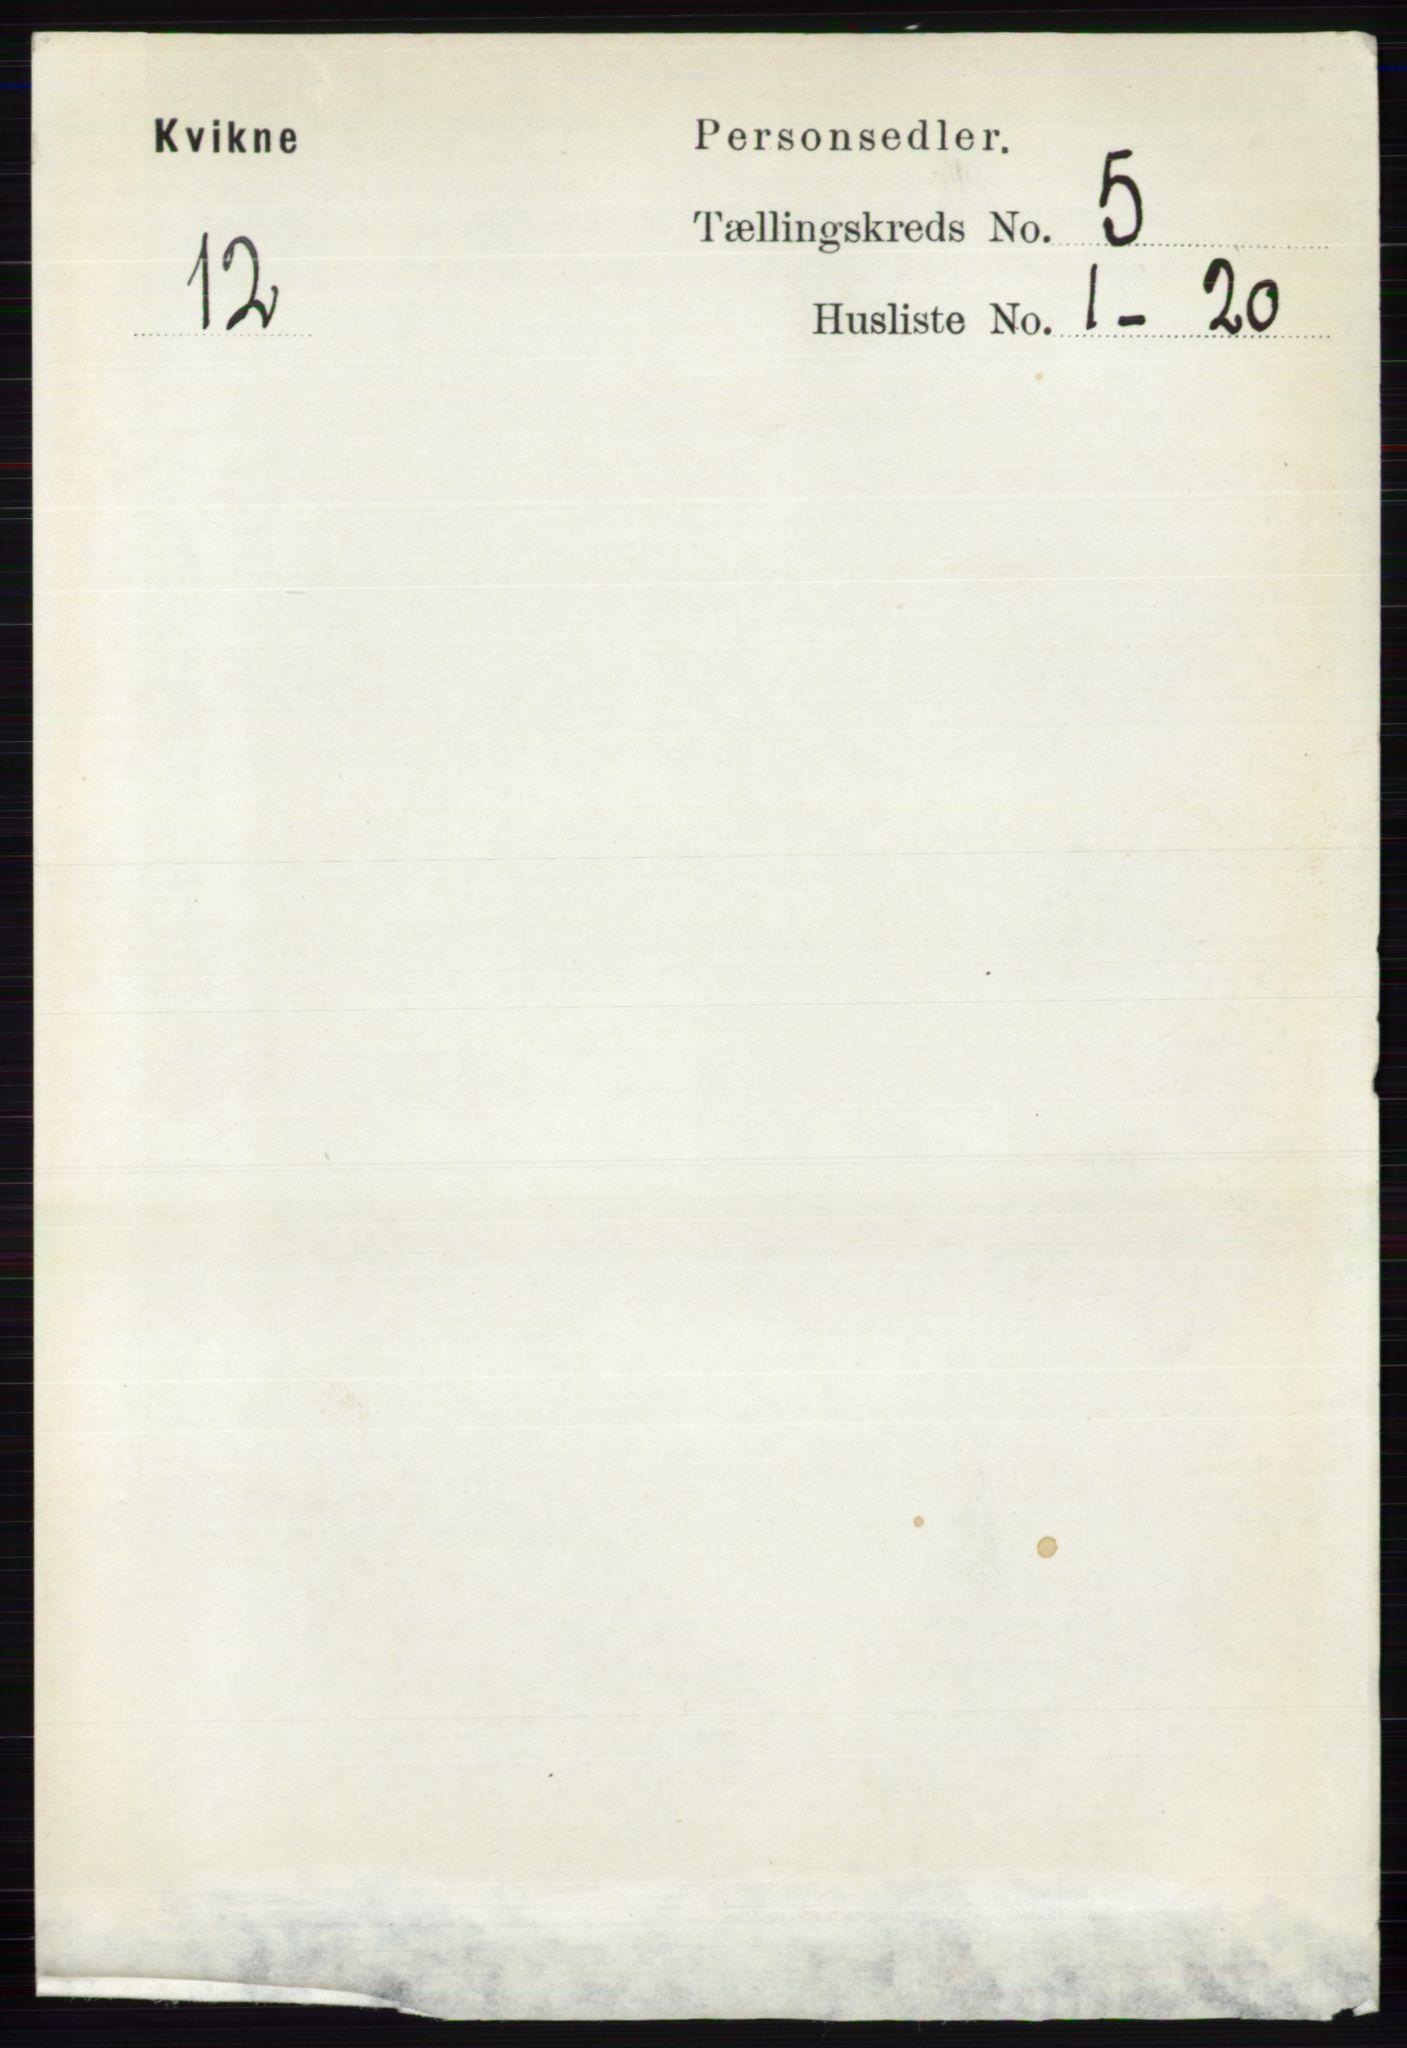 RA, Folketelling 1891 for 0440 Kvikne herred, 1891, s. 1338